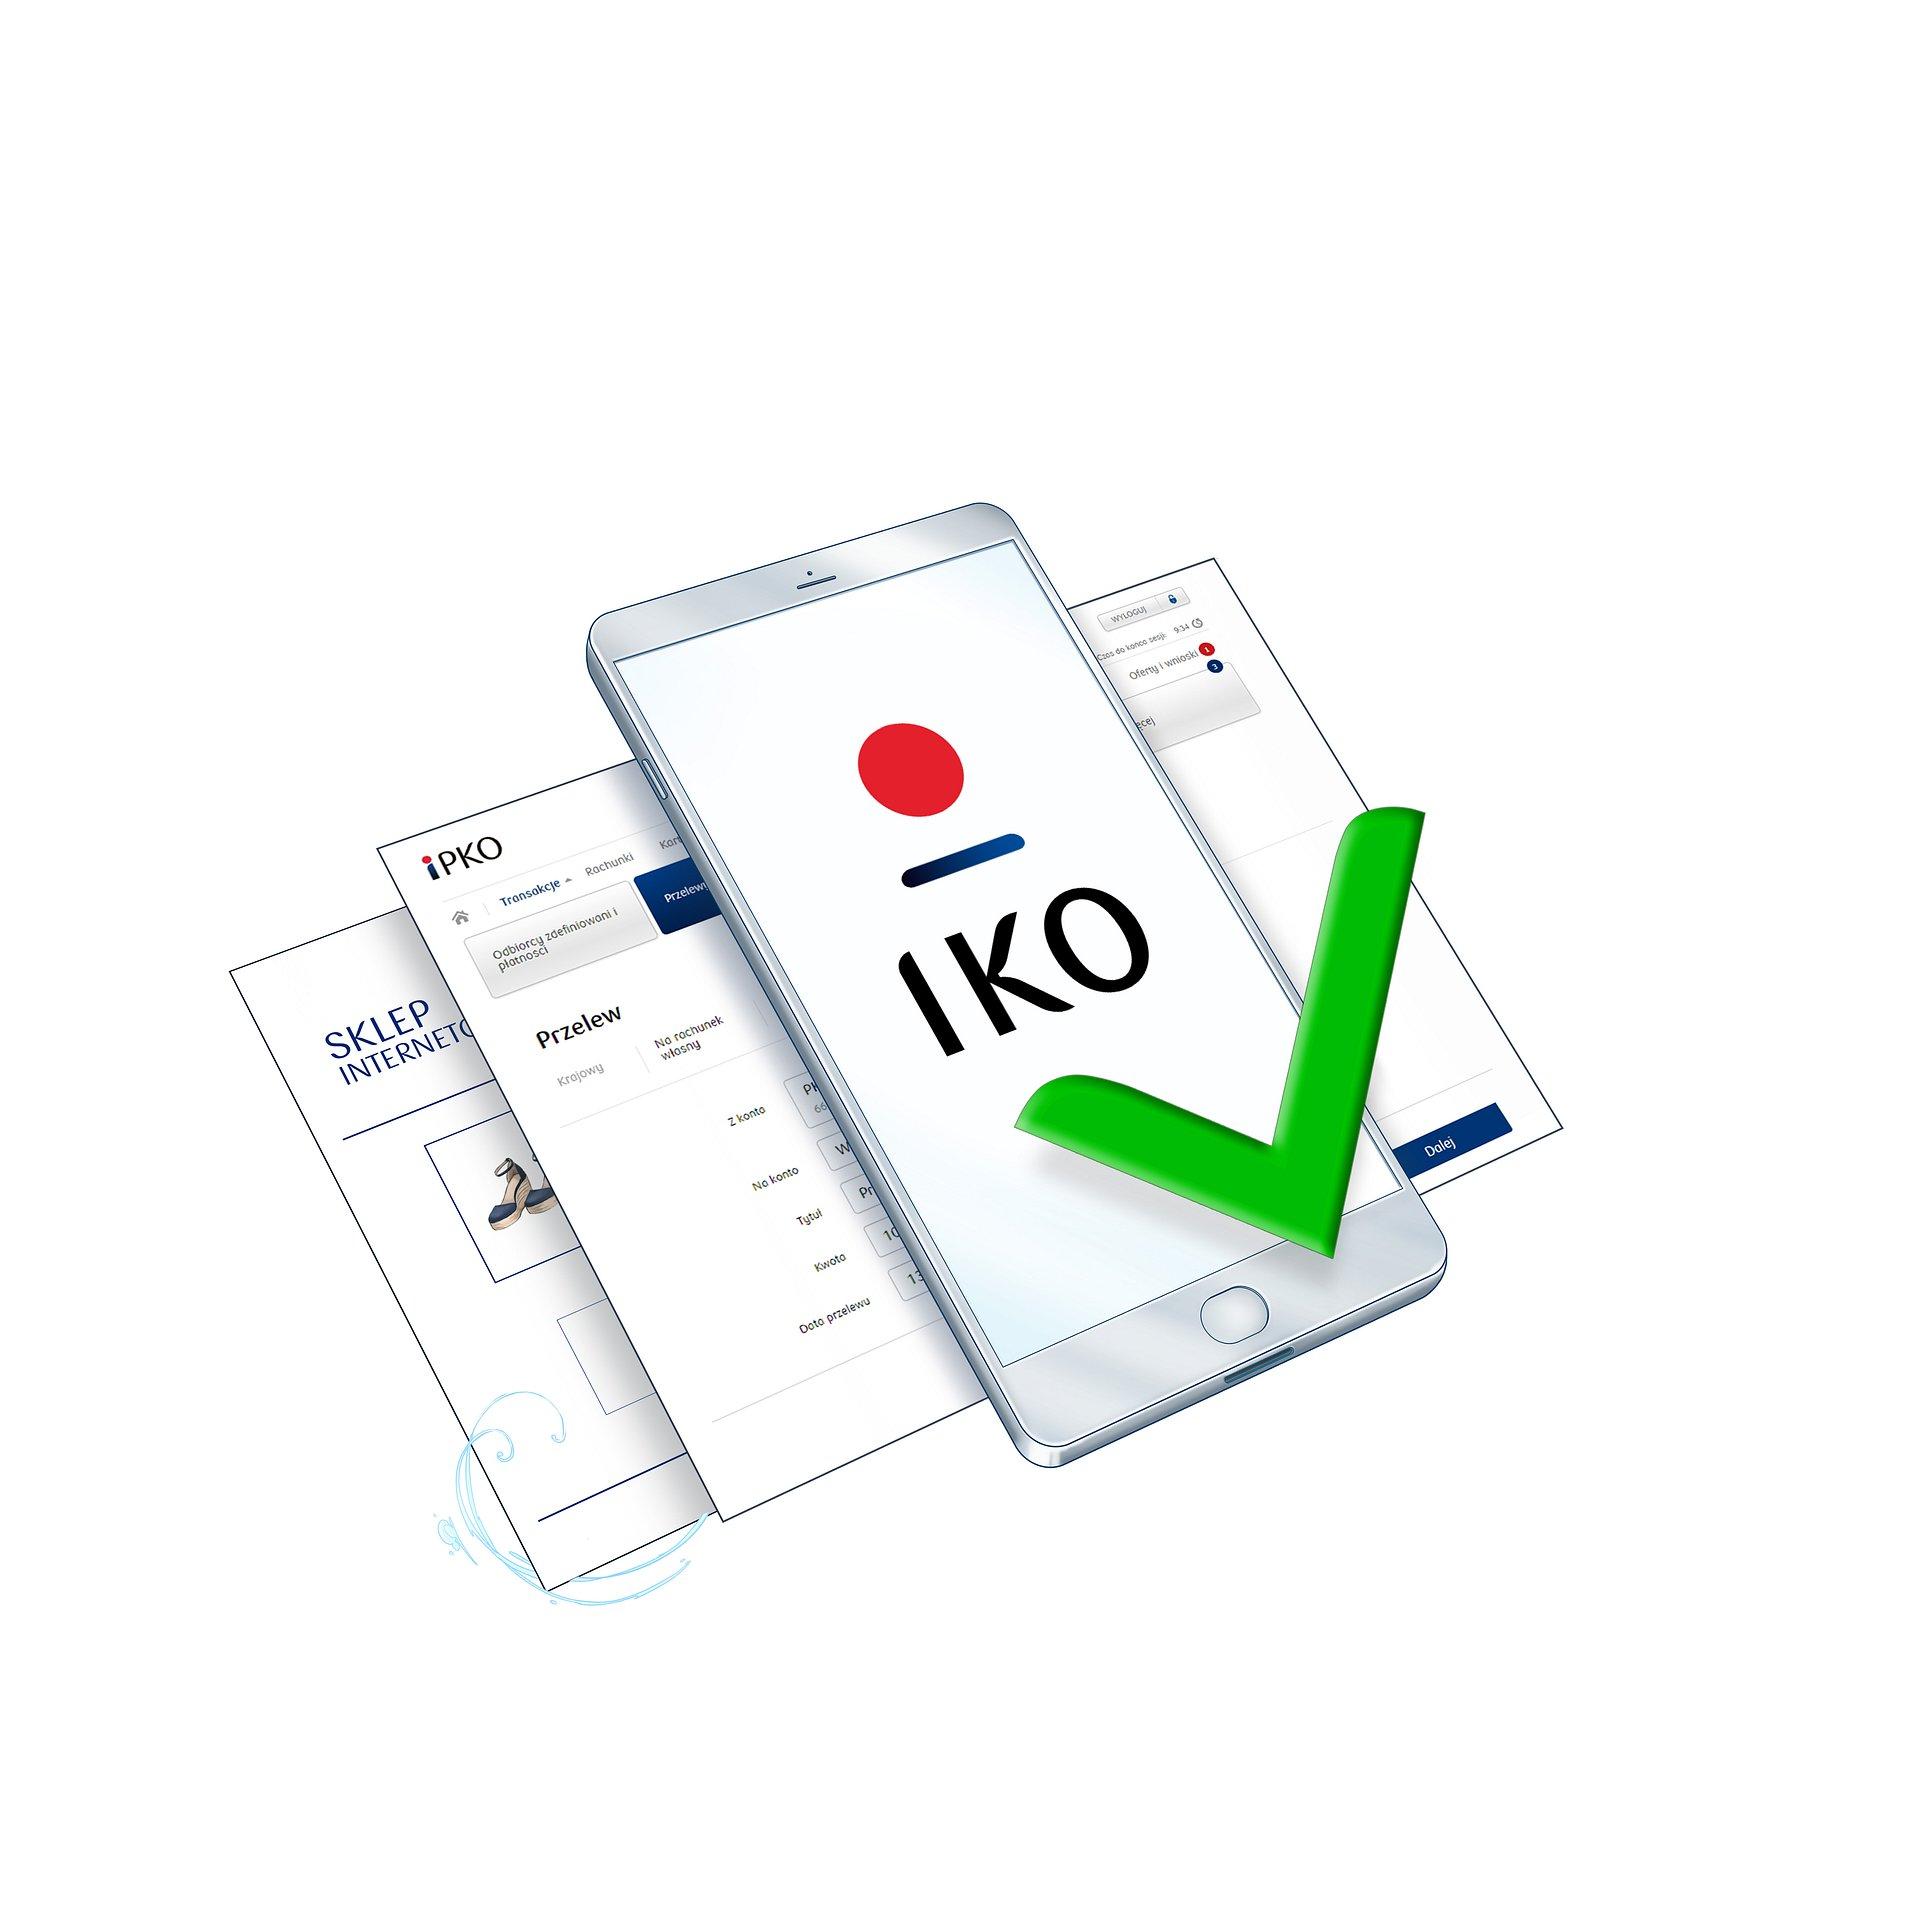 Mobilna autoryzacja dostępna w PKO Banku Polskim